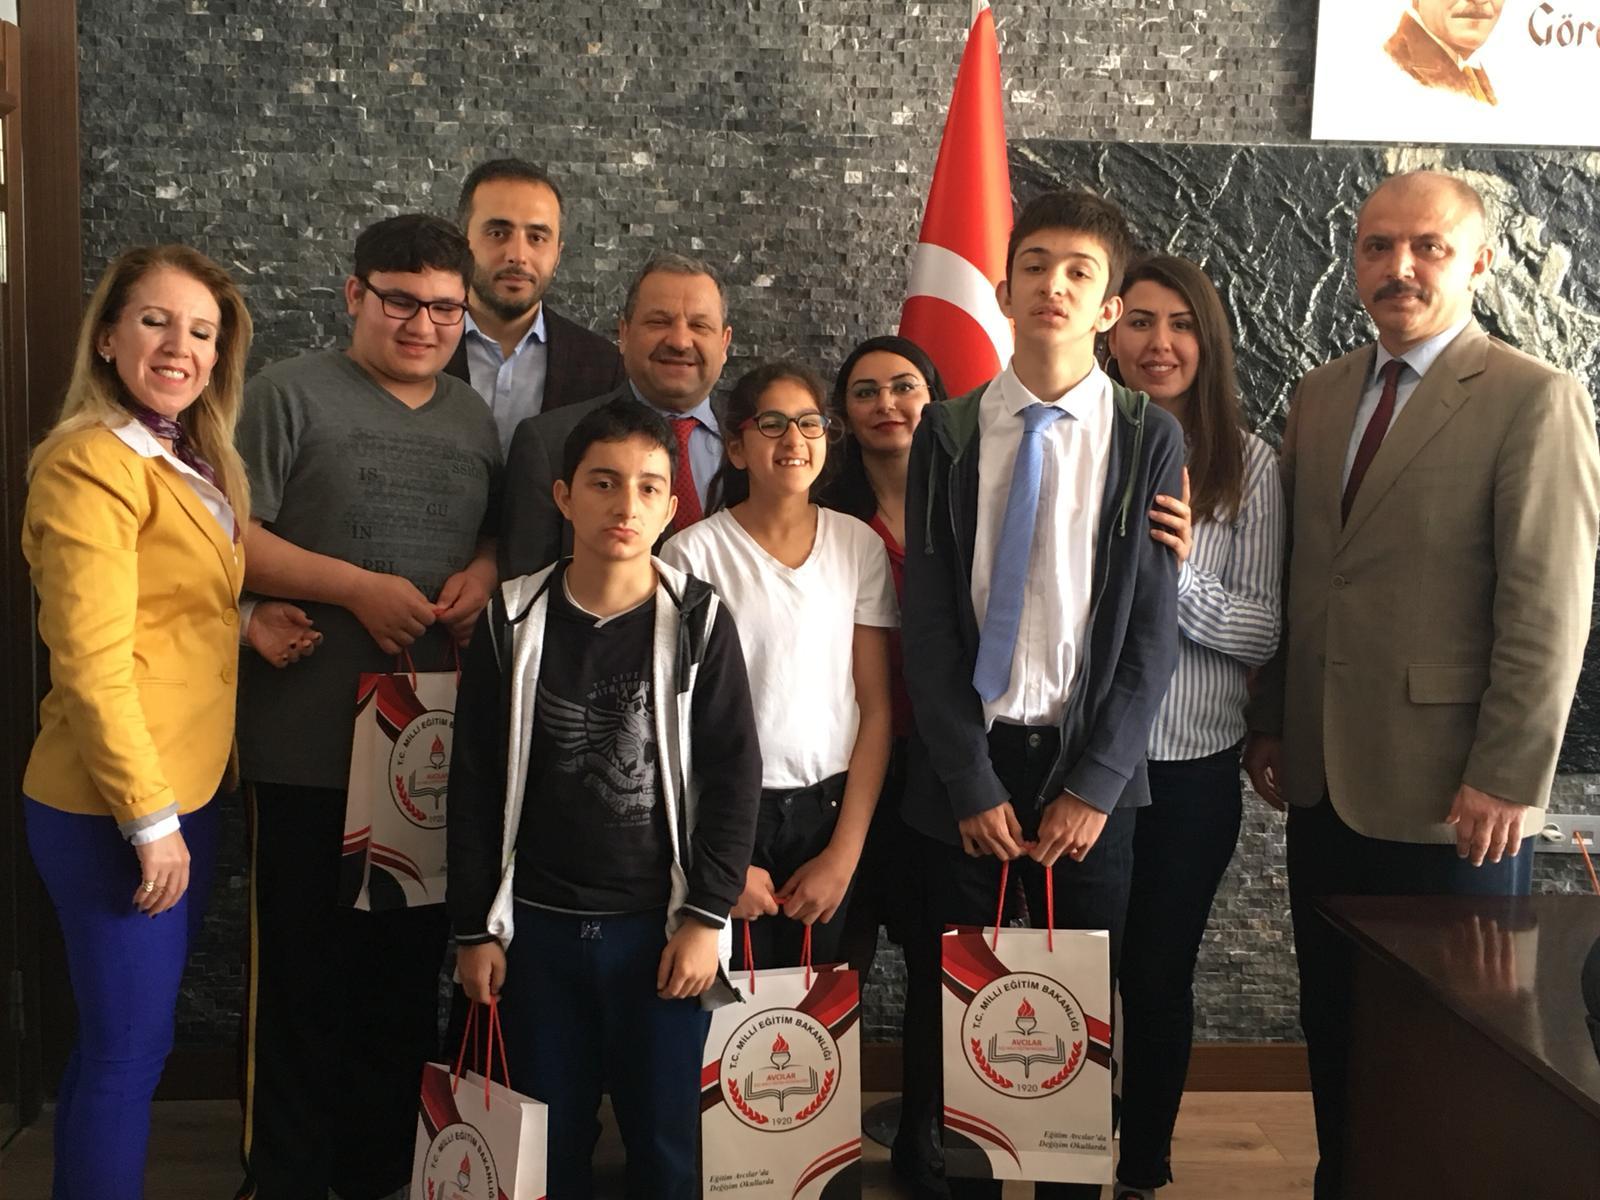 Özel Eğitim Öğrencilerinden Milli Eğitim Müdürlüğüne Ziyaret